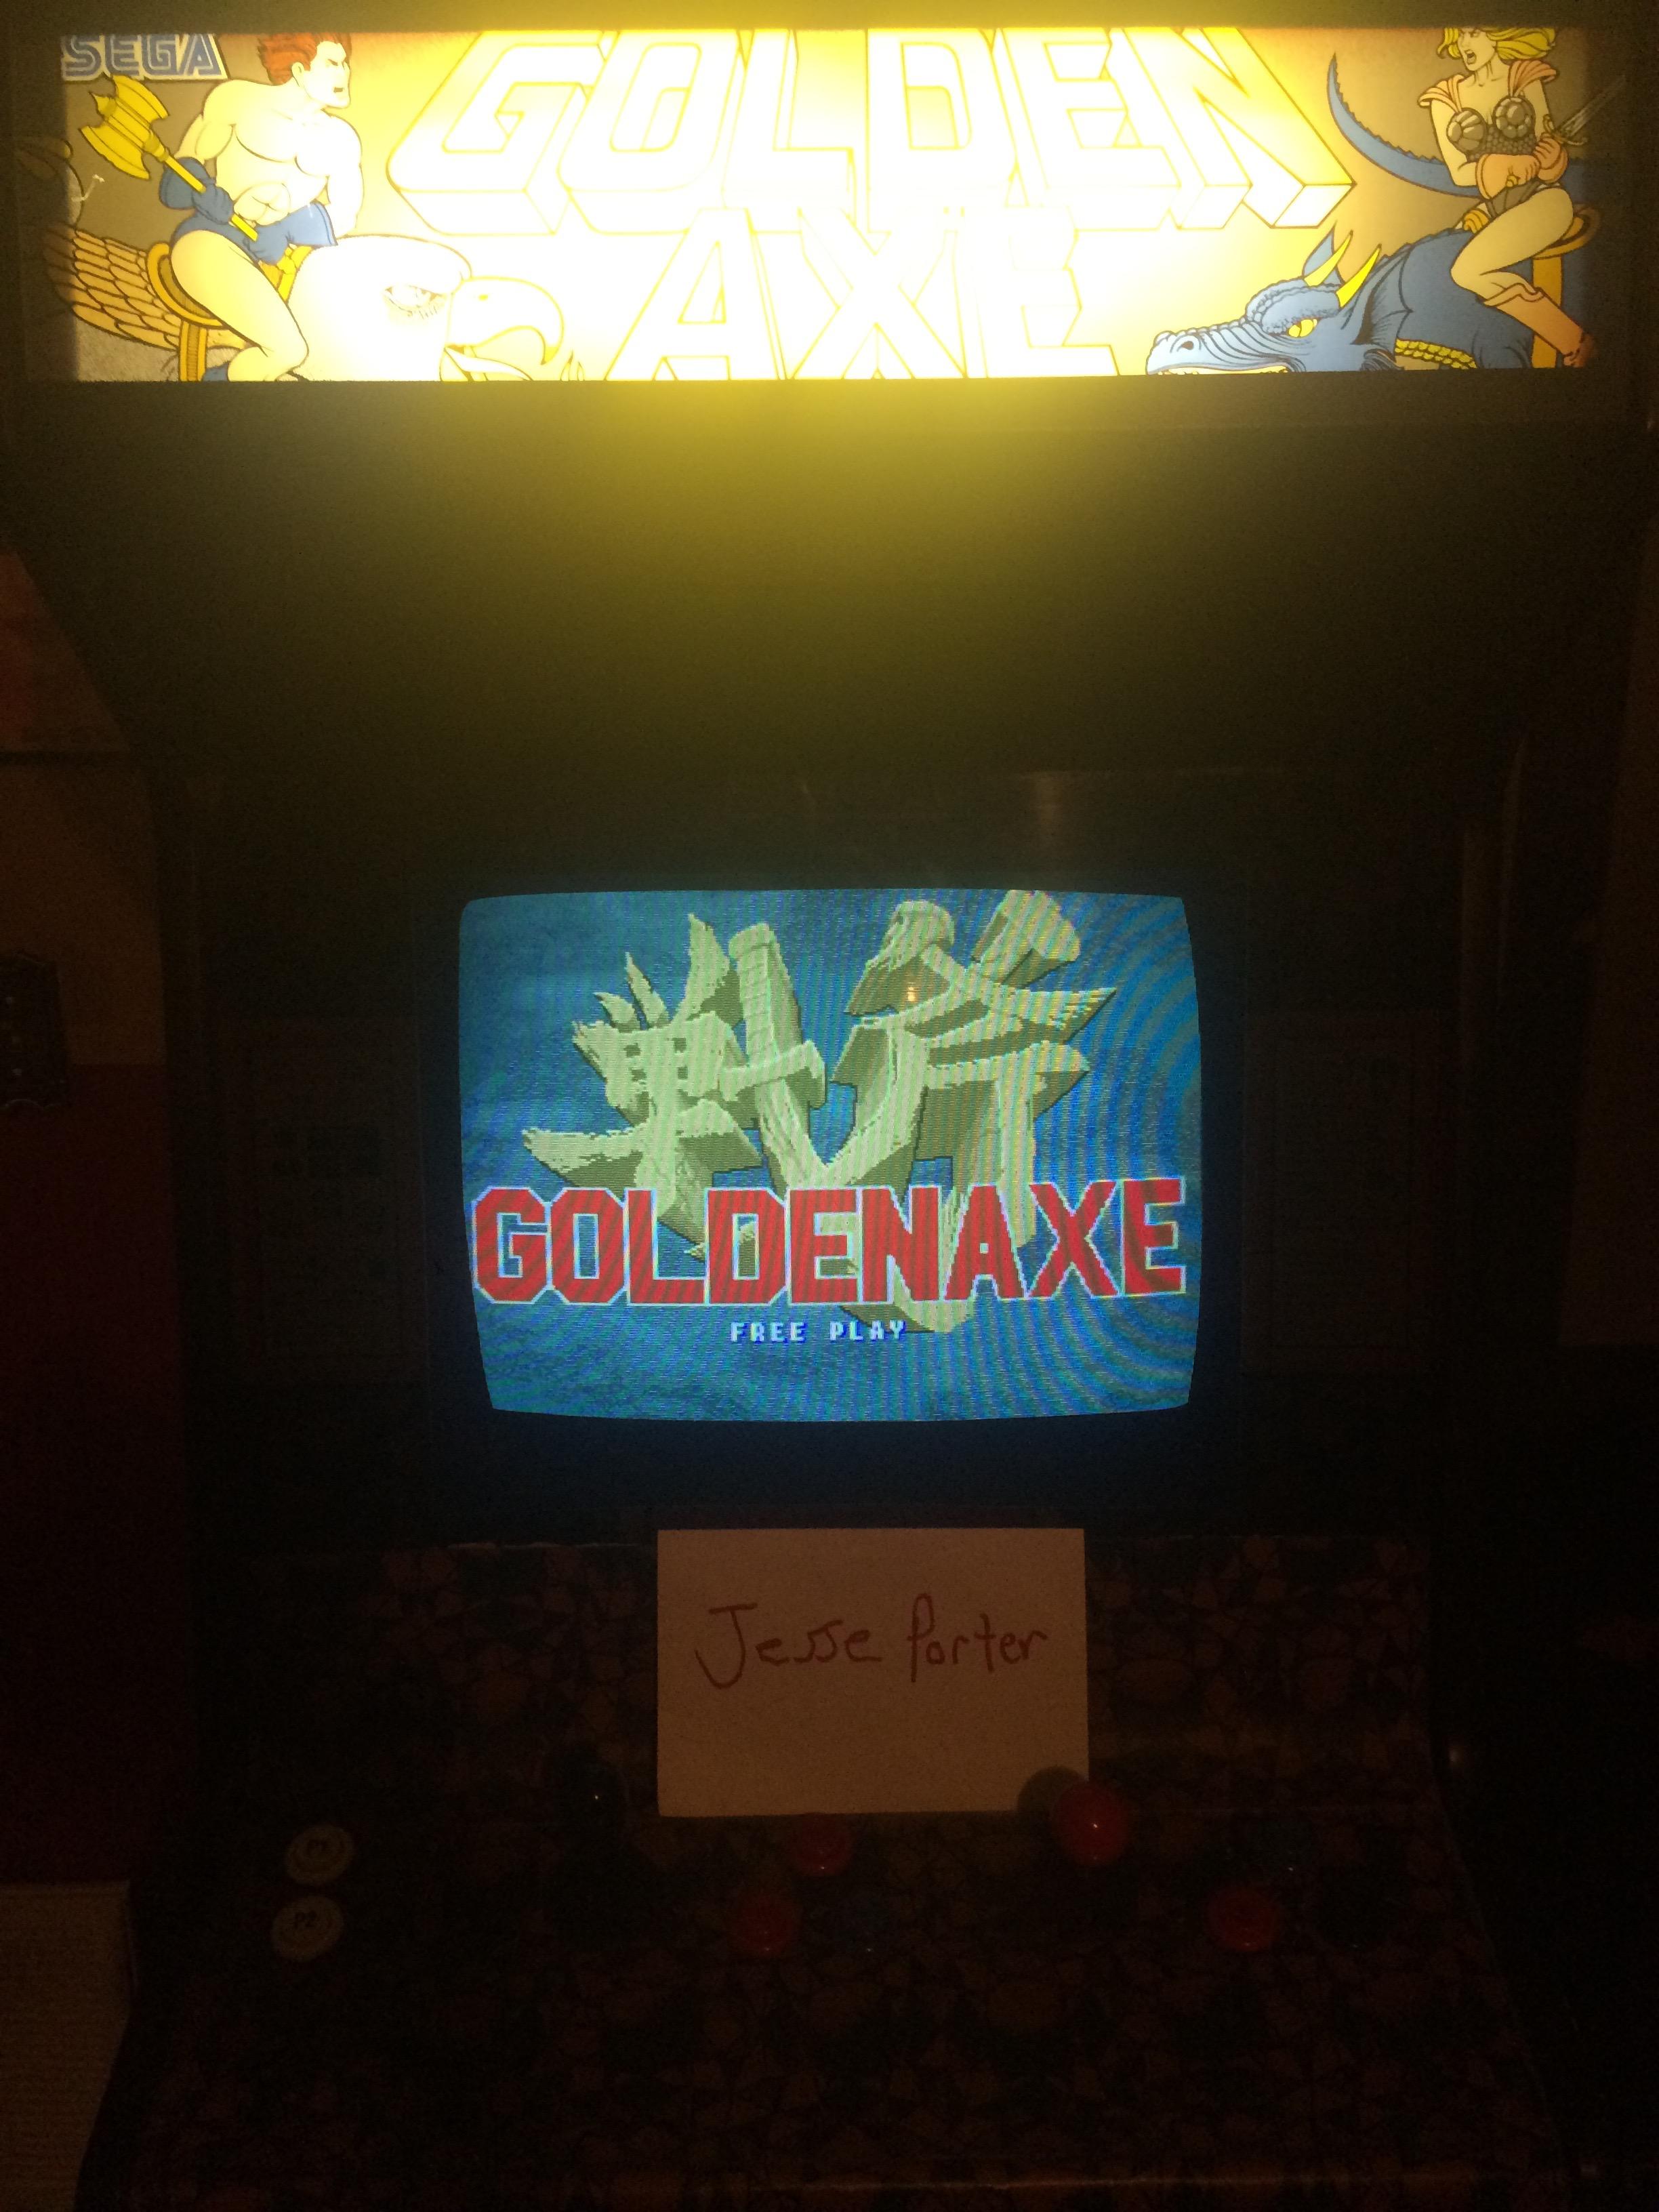 JessePorter: Golden Axe (Arcade) 137 points on 2016-09-18 20:21:34